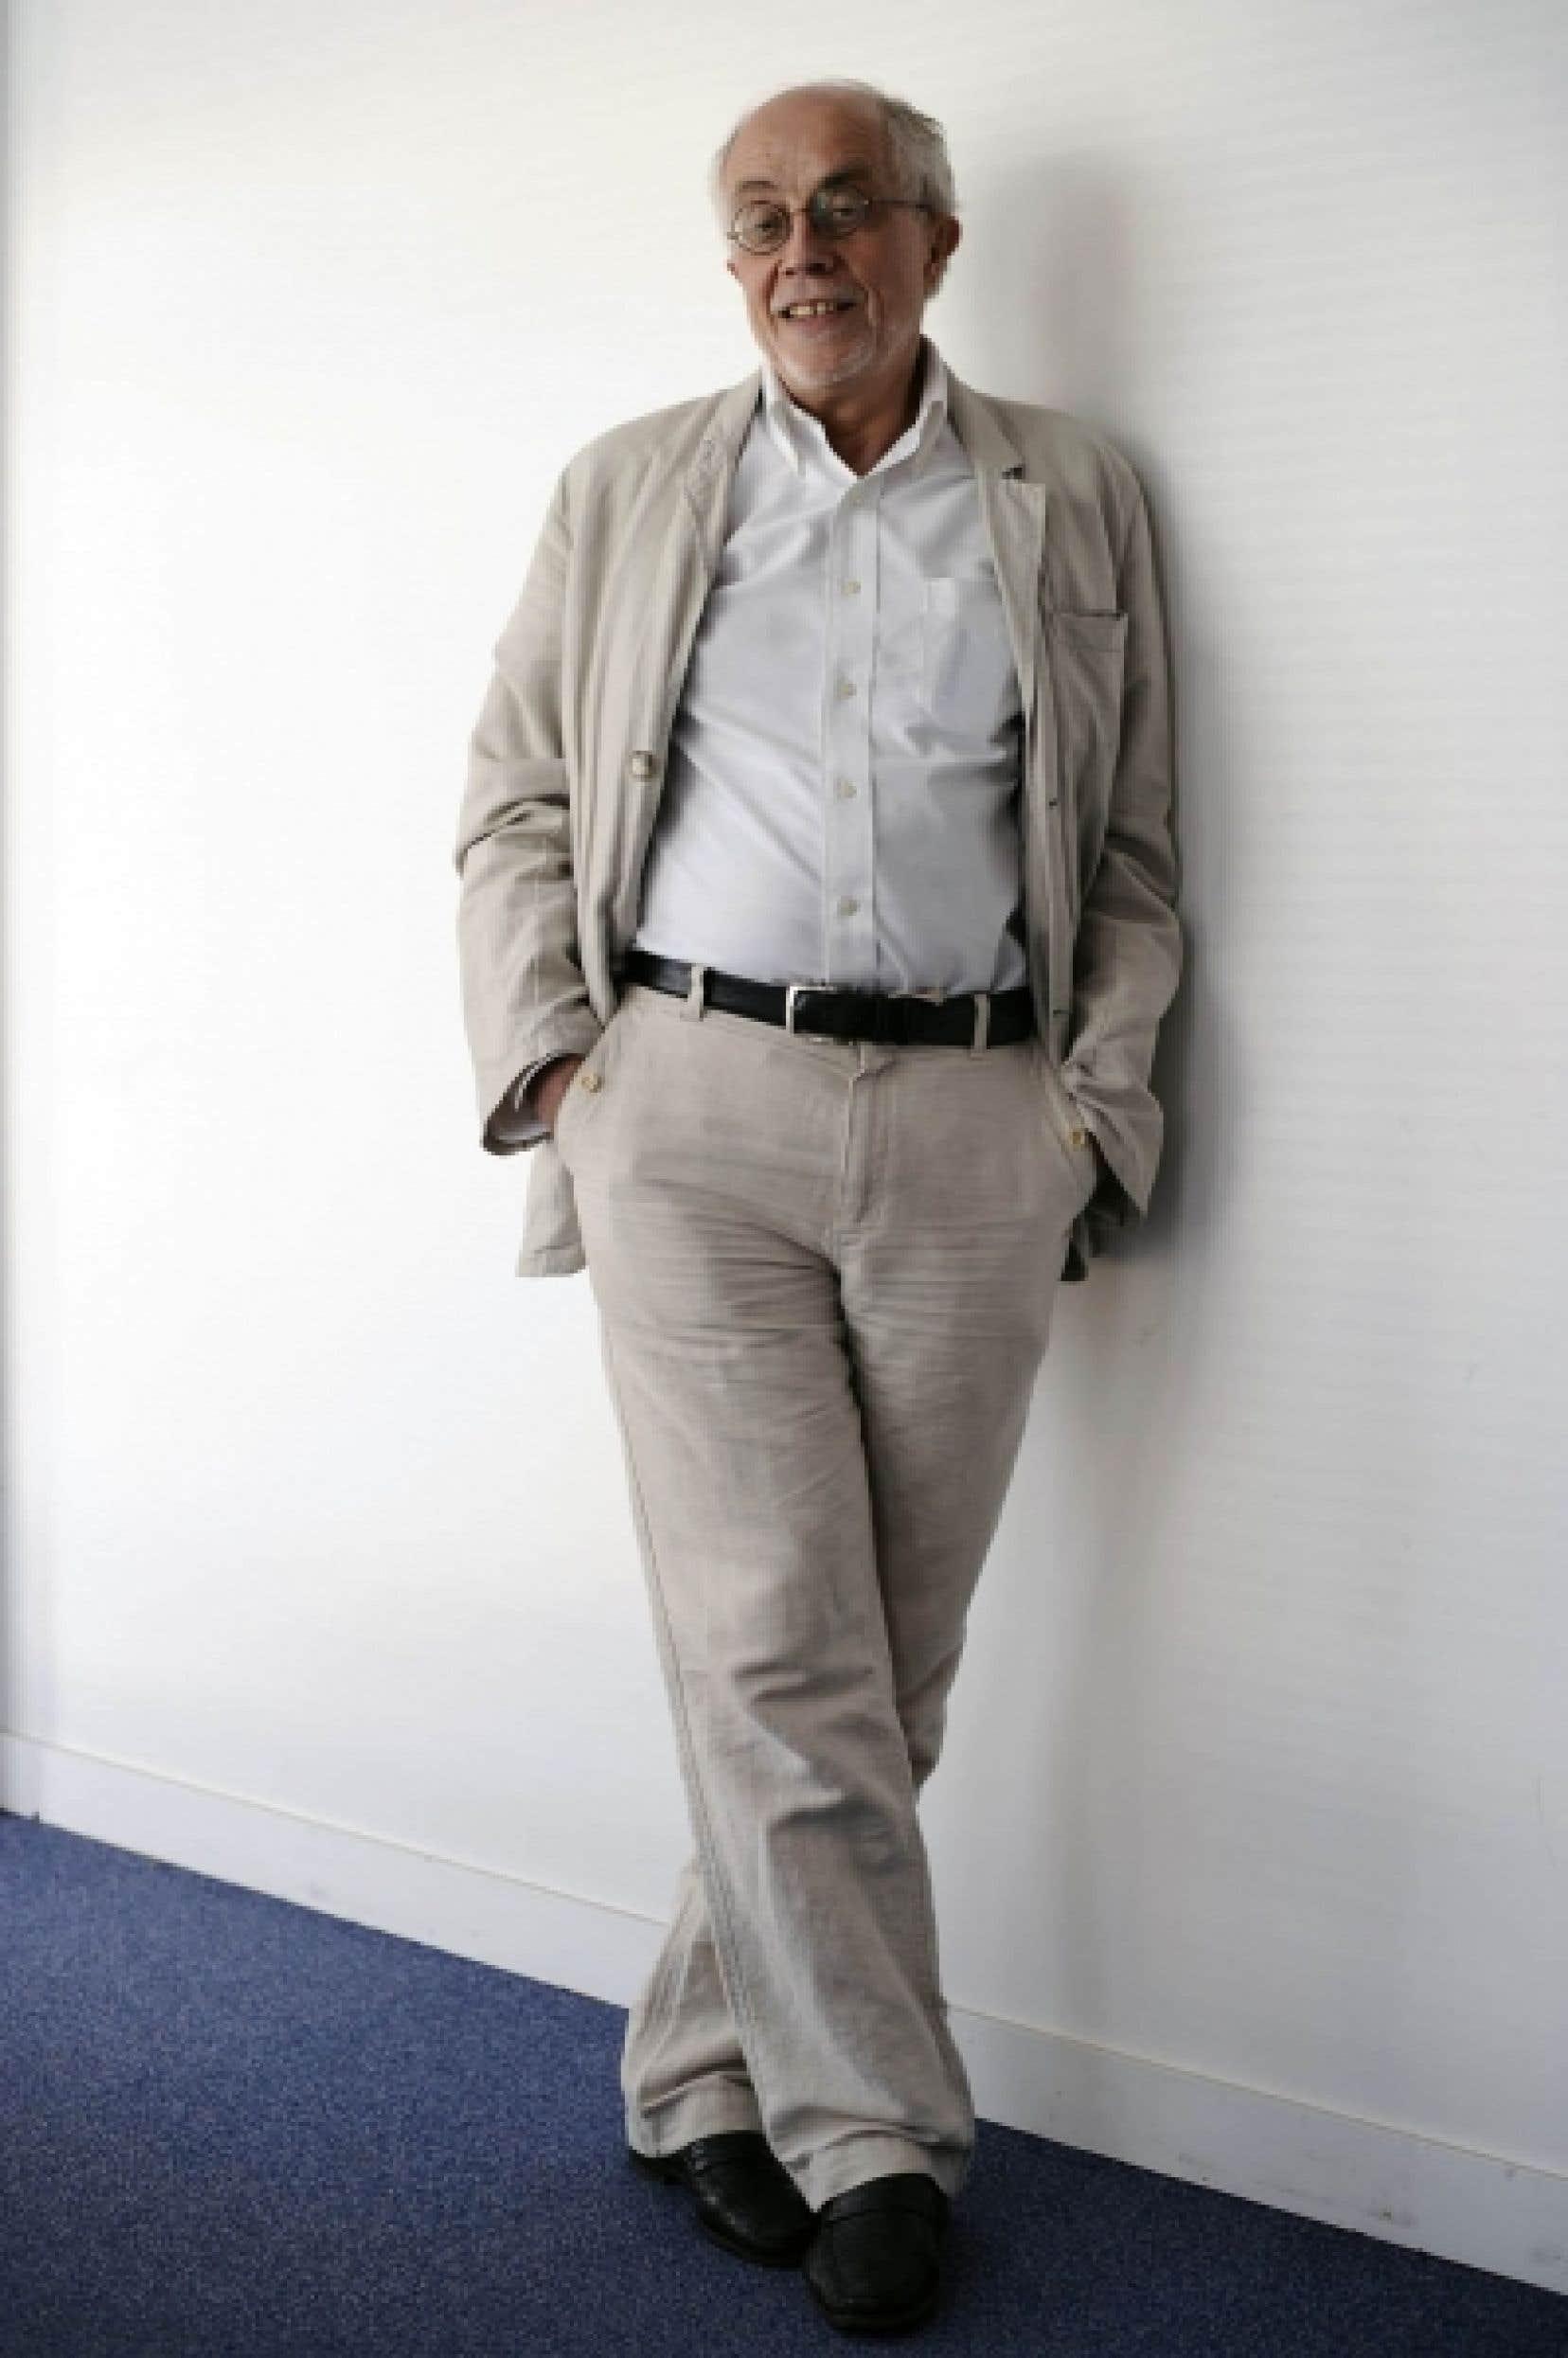 Bernard Poulet est rédacteur en chef au magazine économique français L'Expansion.